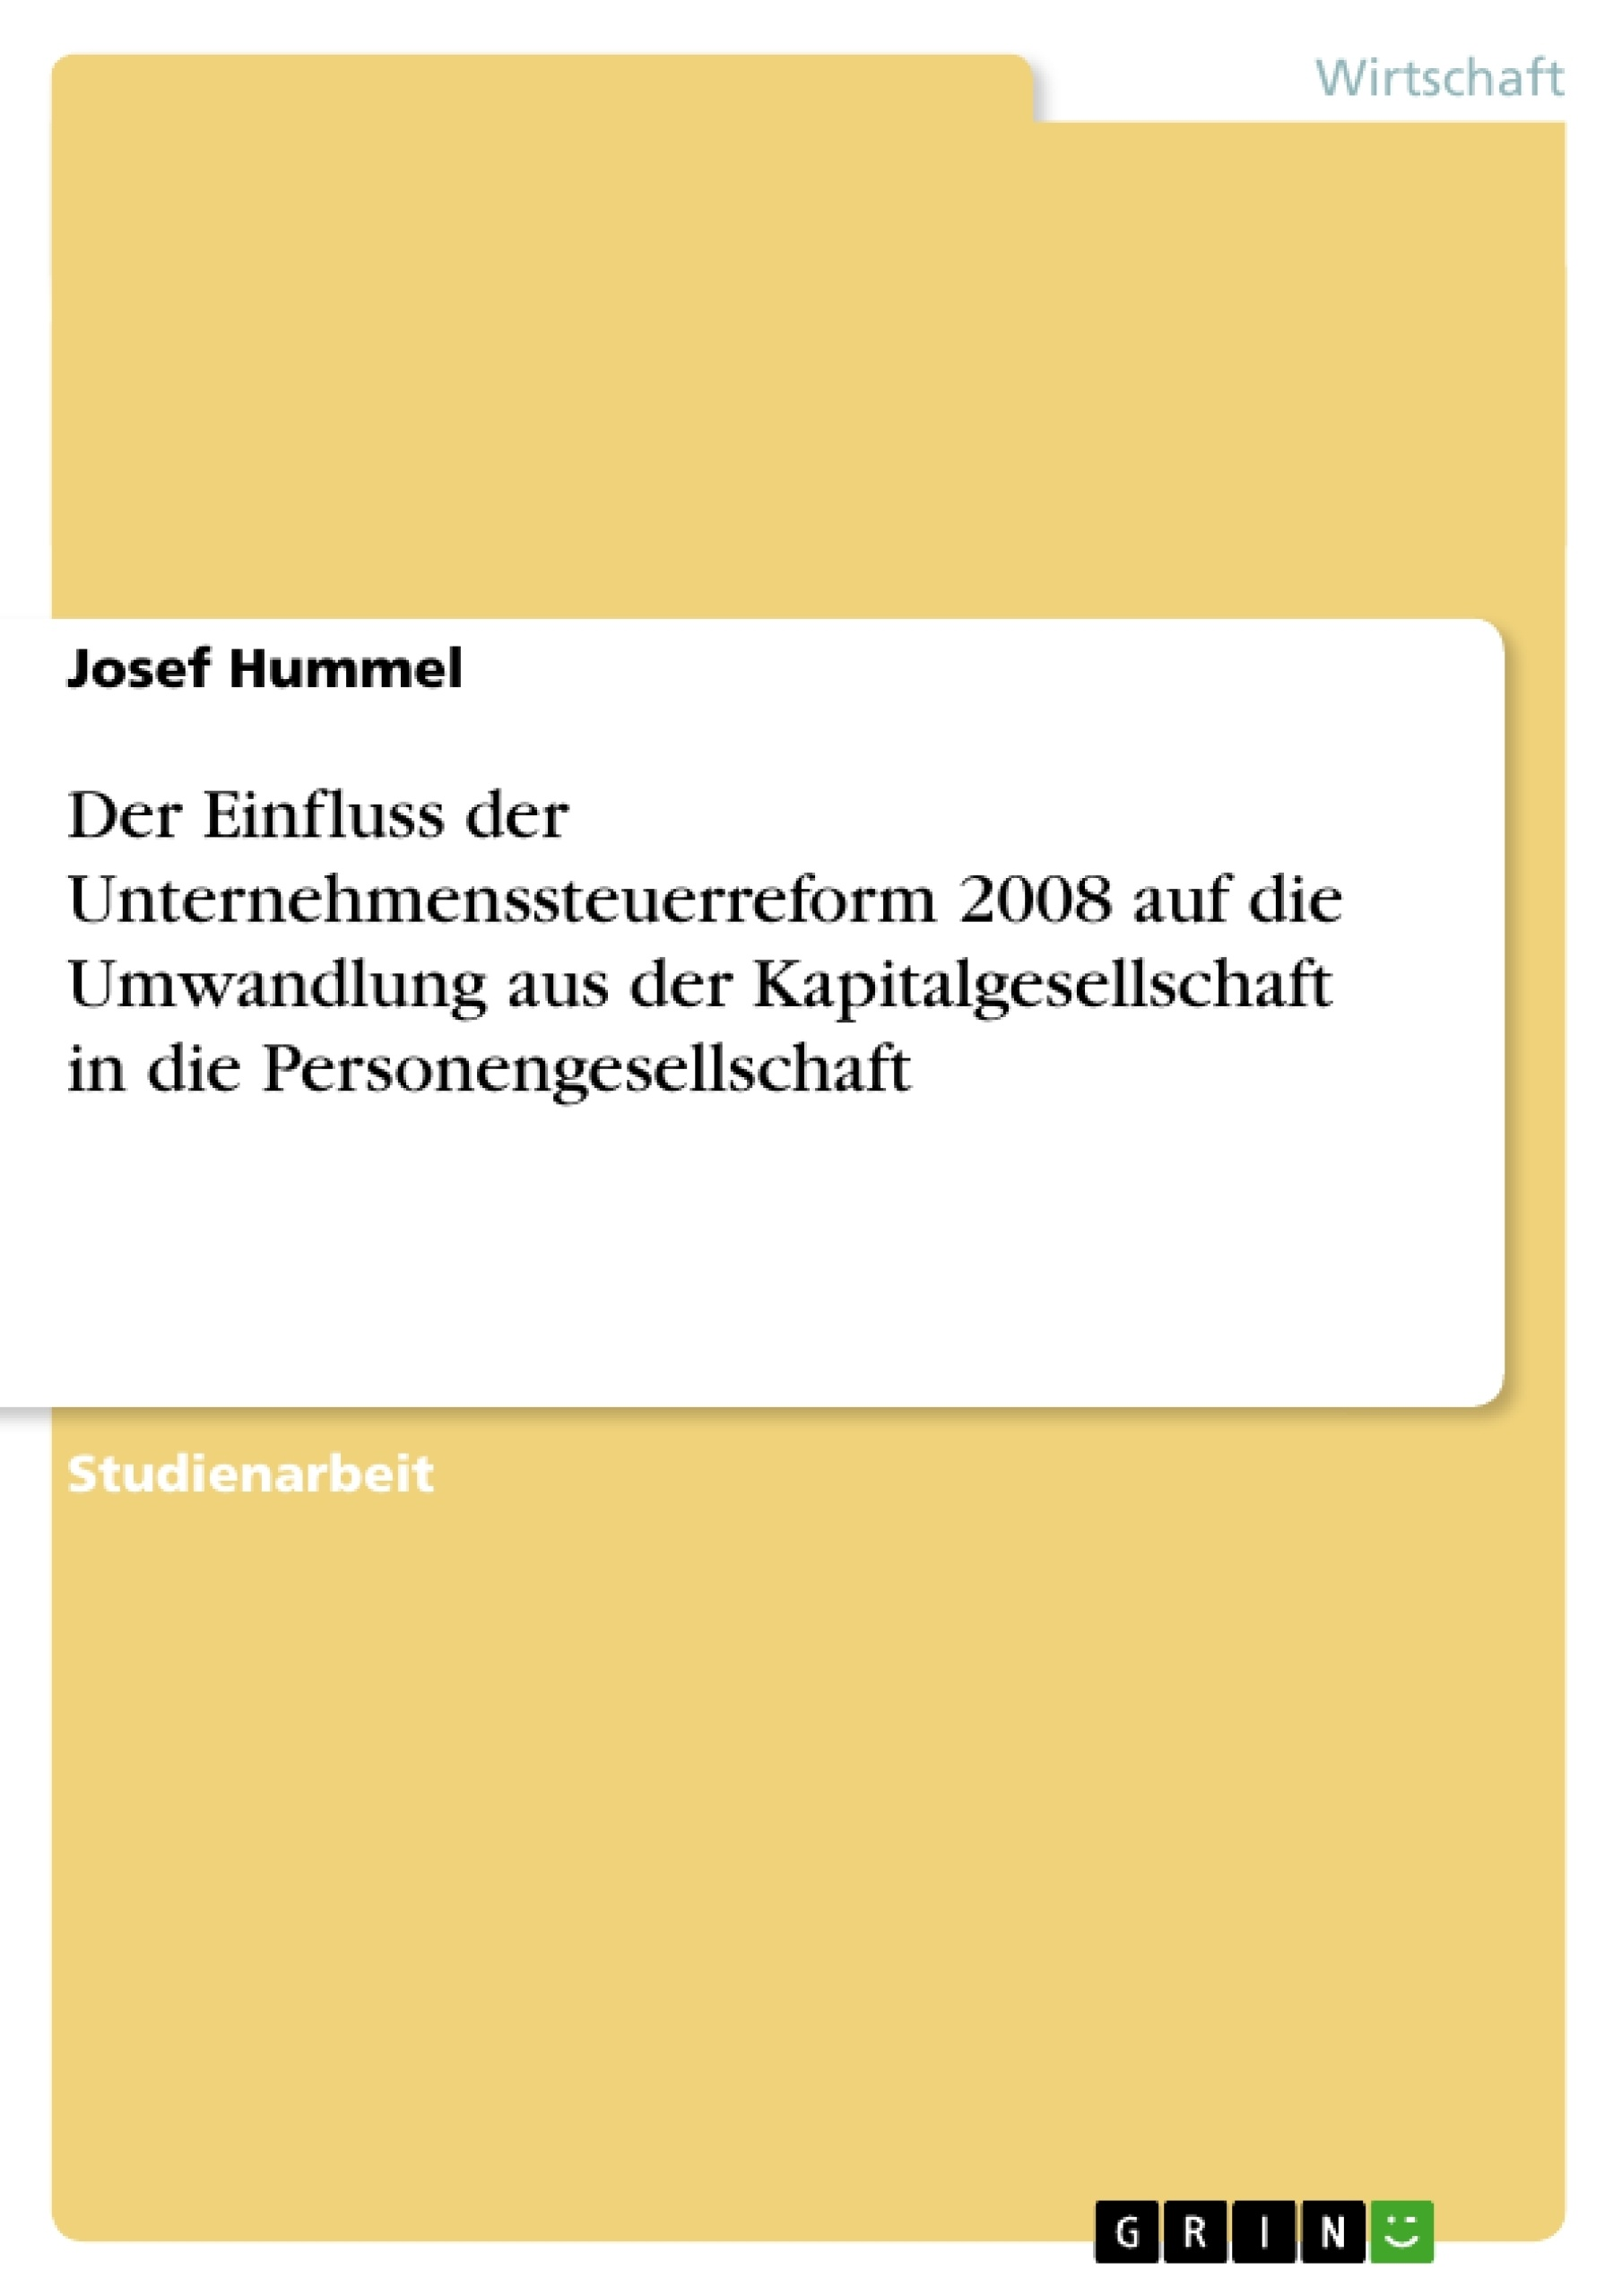 Titel: Der Einfluss der Unternehmenssteuerreform 2008 auf die Umwandlung aus der Kapitalgesellschaft in die Personengesellschaft